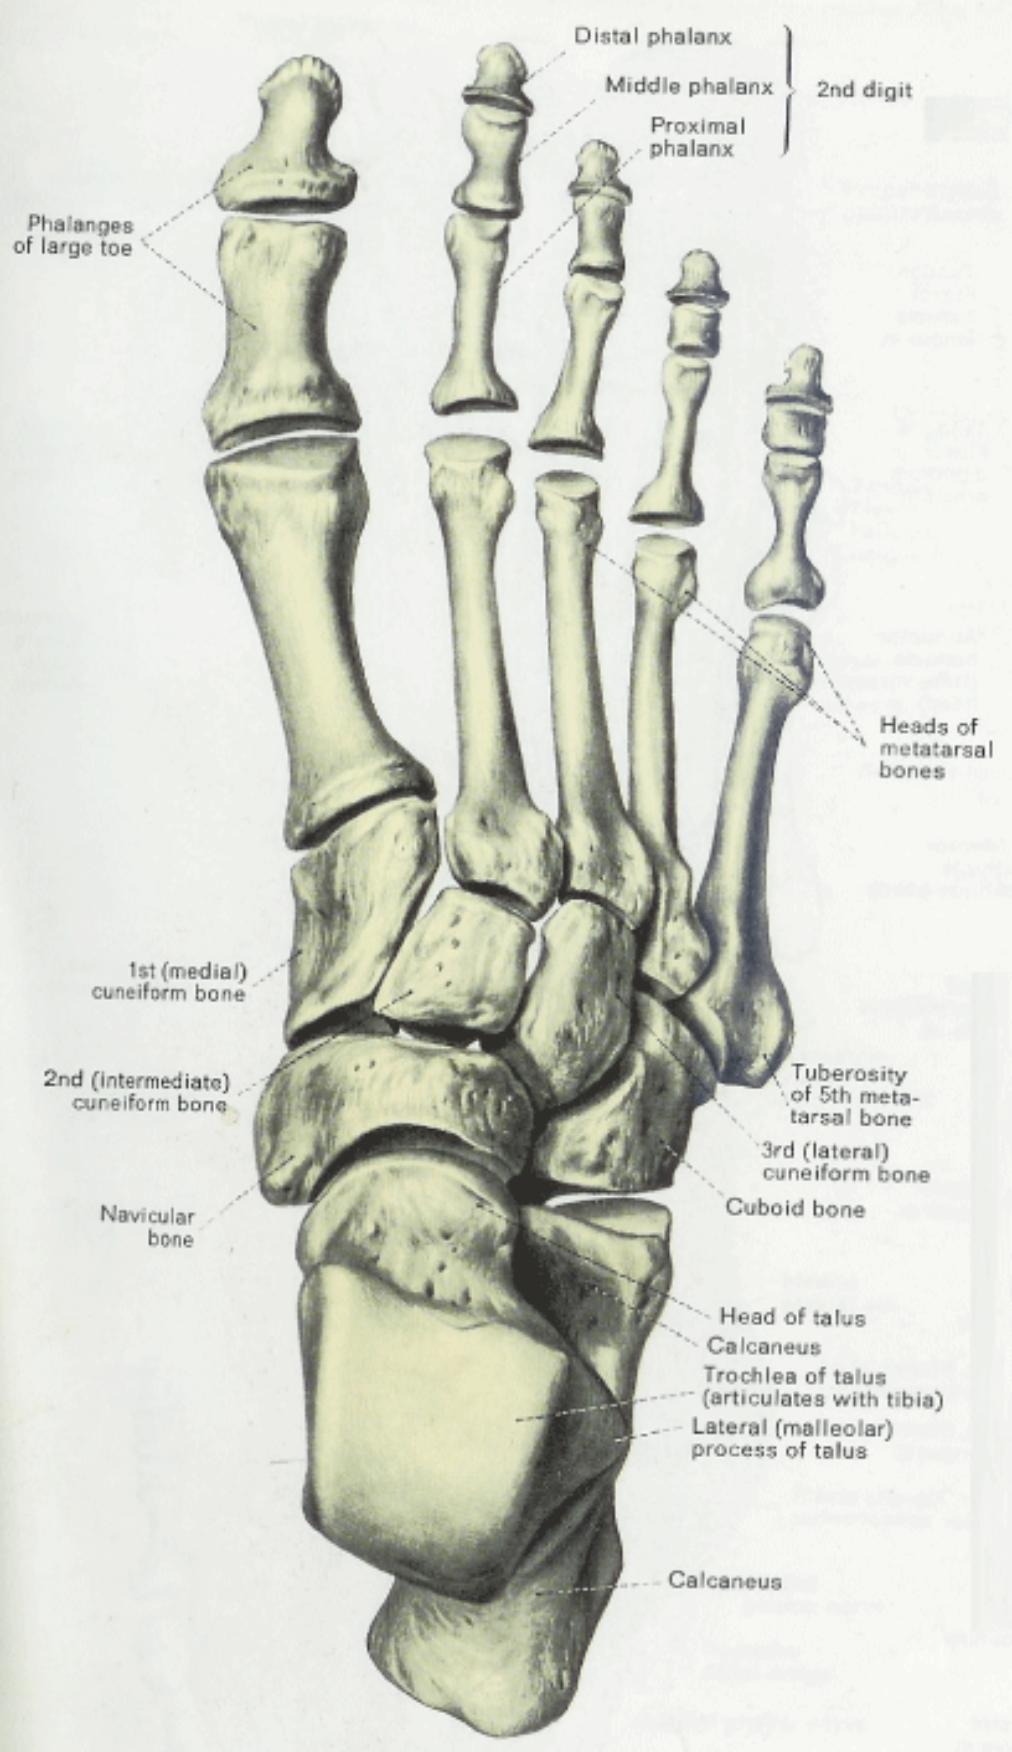 hight resolution of 1012x1752 anatomy amp physiology illustration egeszseg megorzo